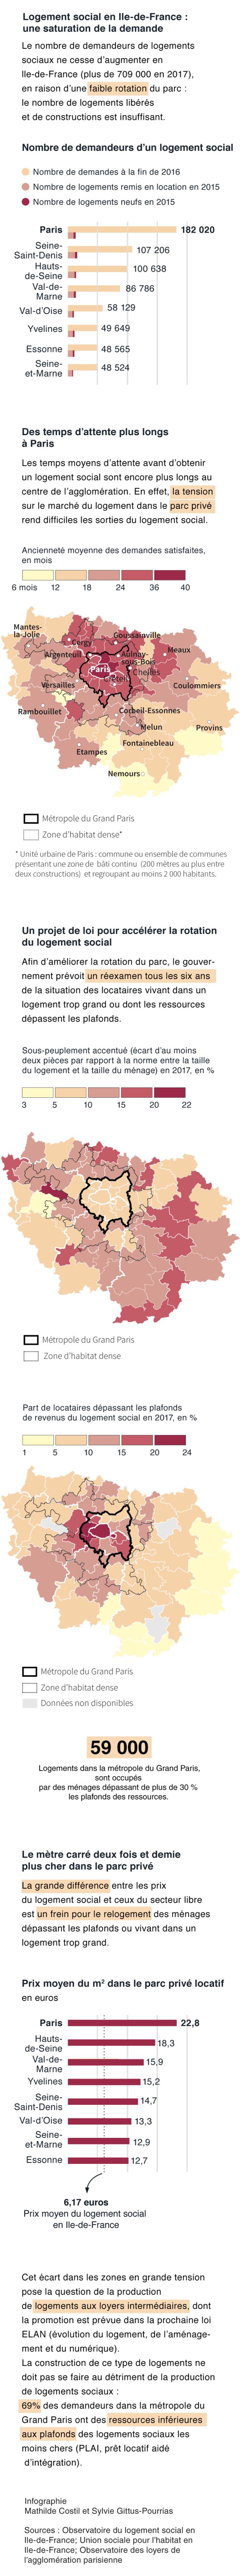 Logement social en Ile-de-France